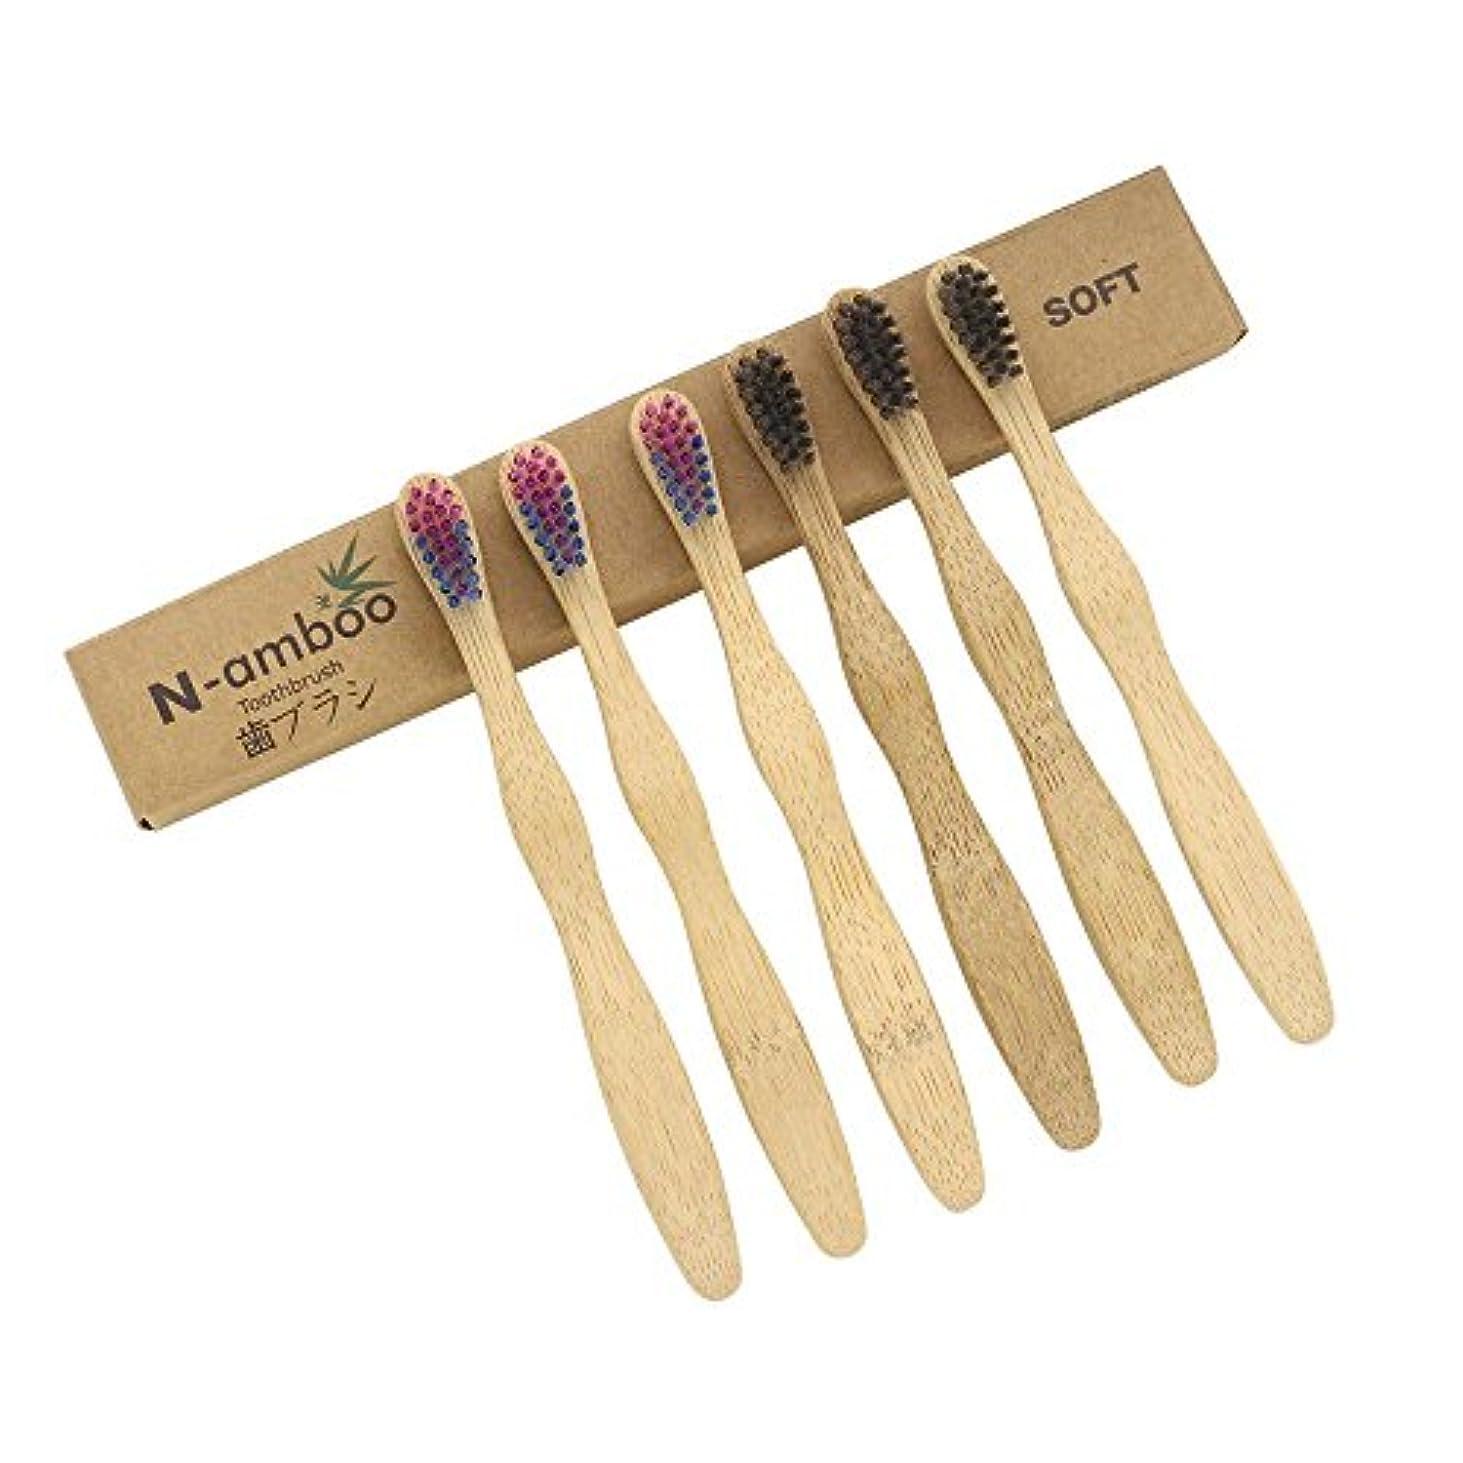 同情生じるゴールドN-amboo 竹製耐久度高い 子供 歯ブラシ エコ 6本入り セット 黒と紫